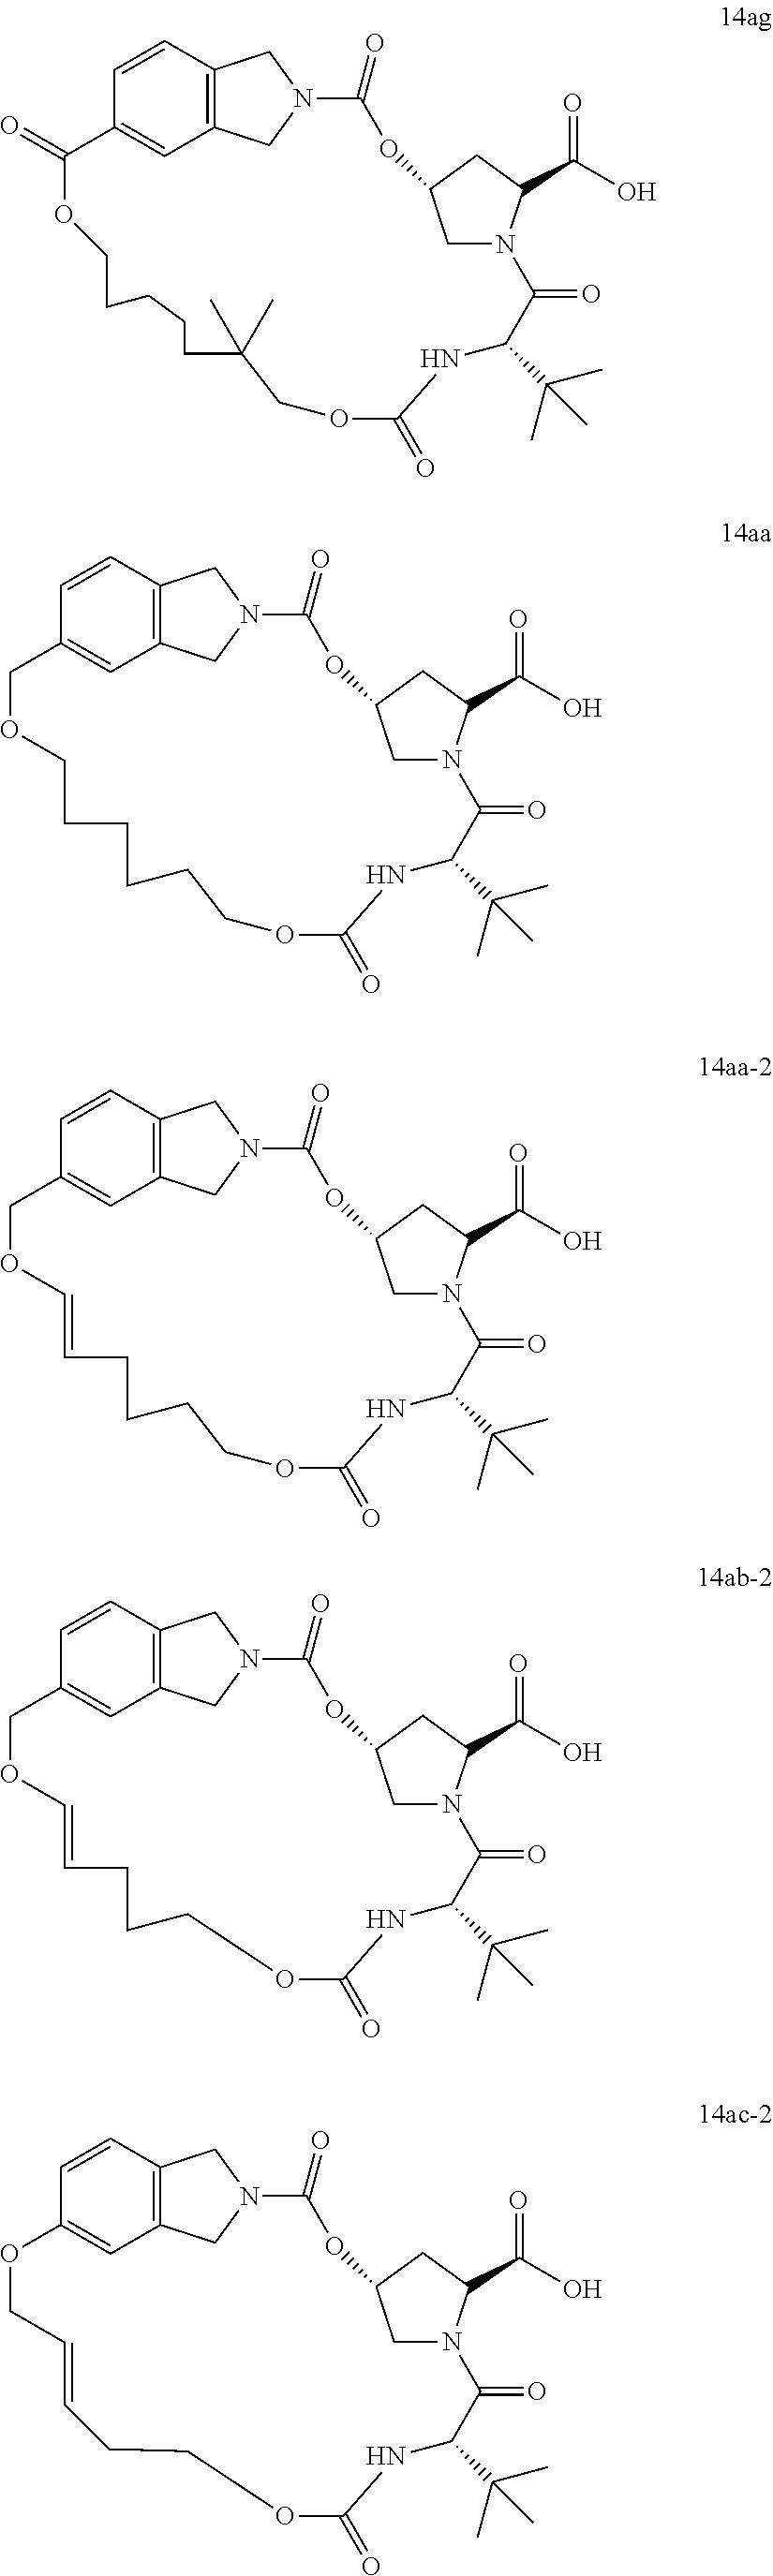 Figure US08962810-20150224-C00213